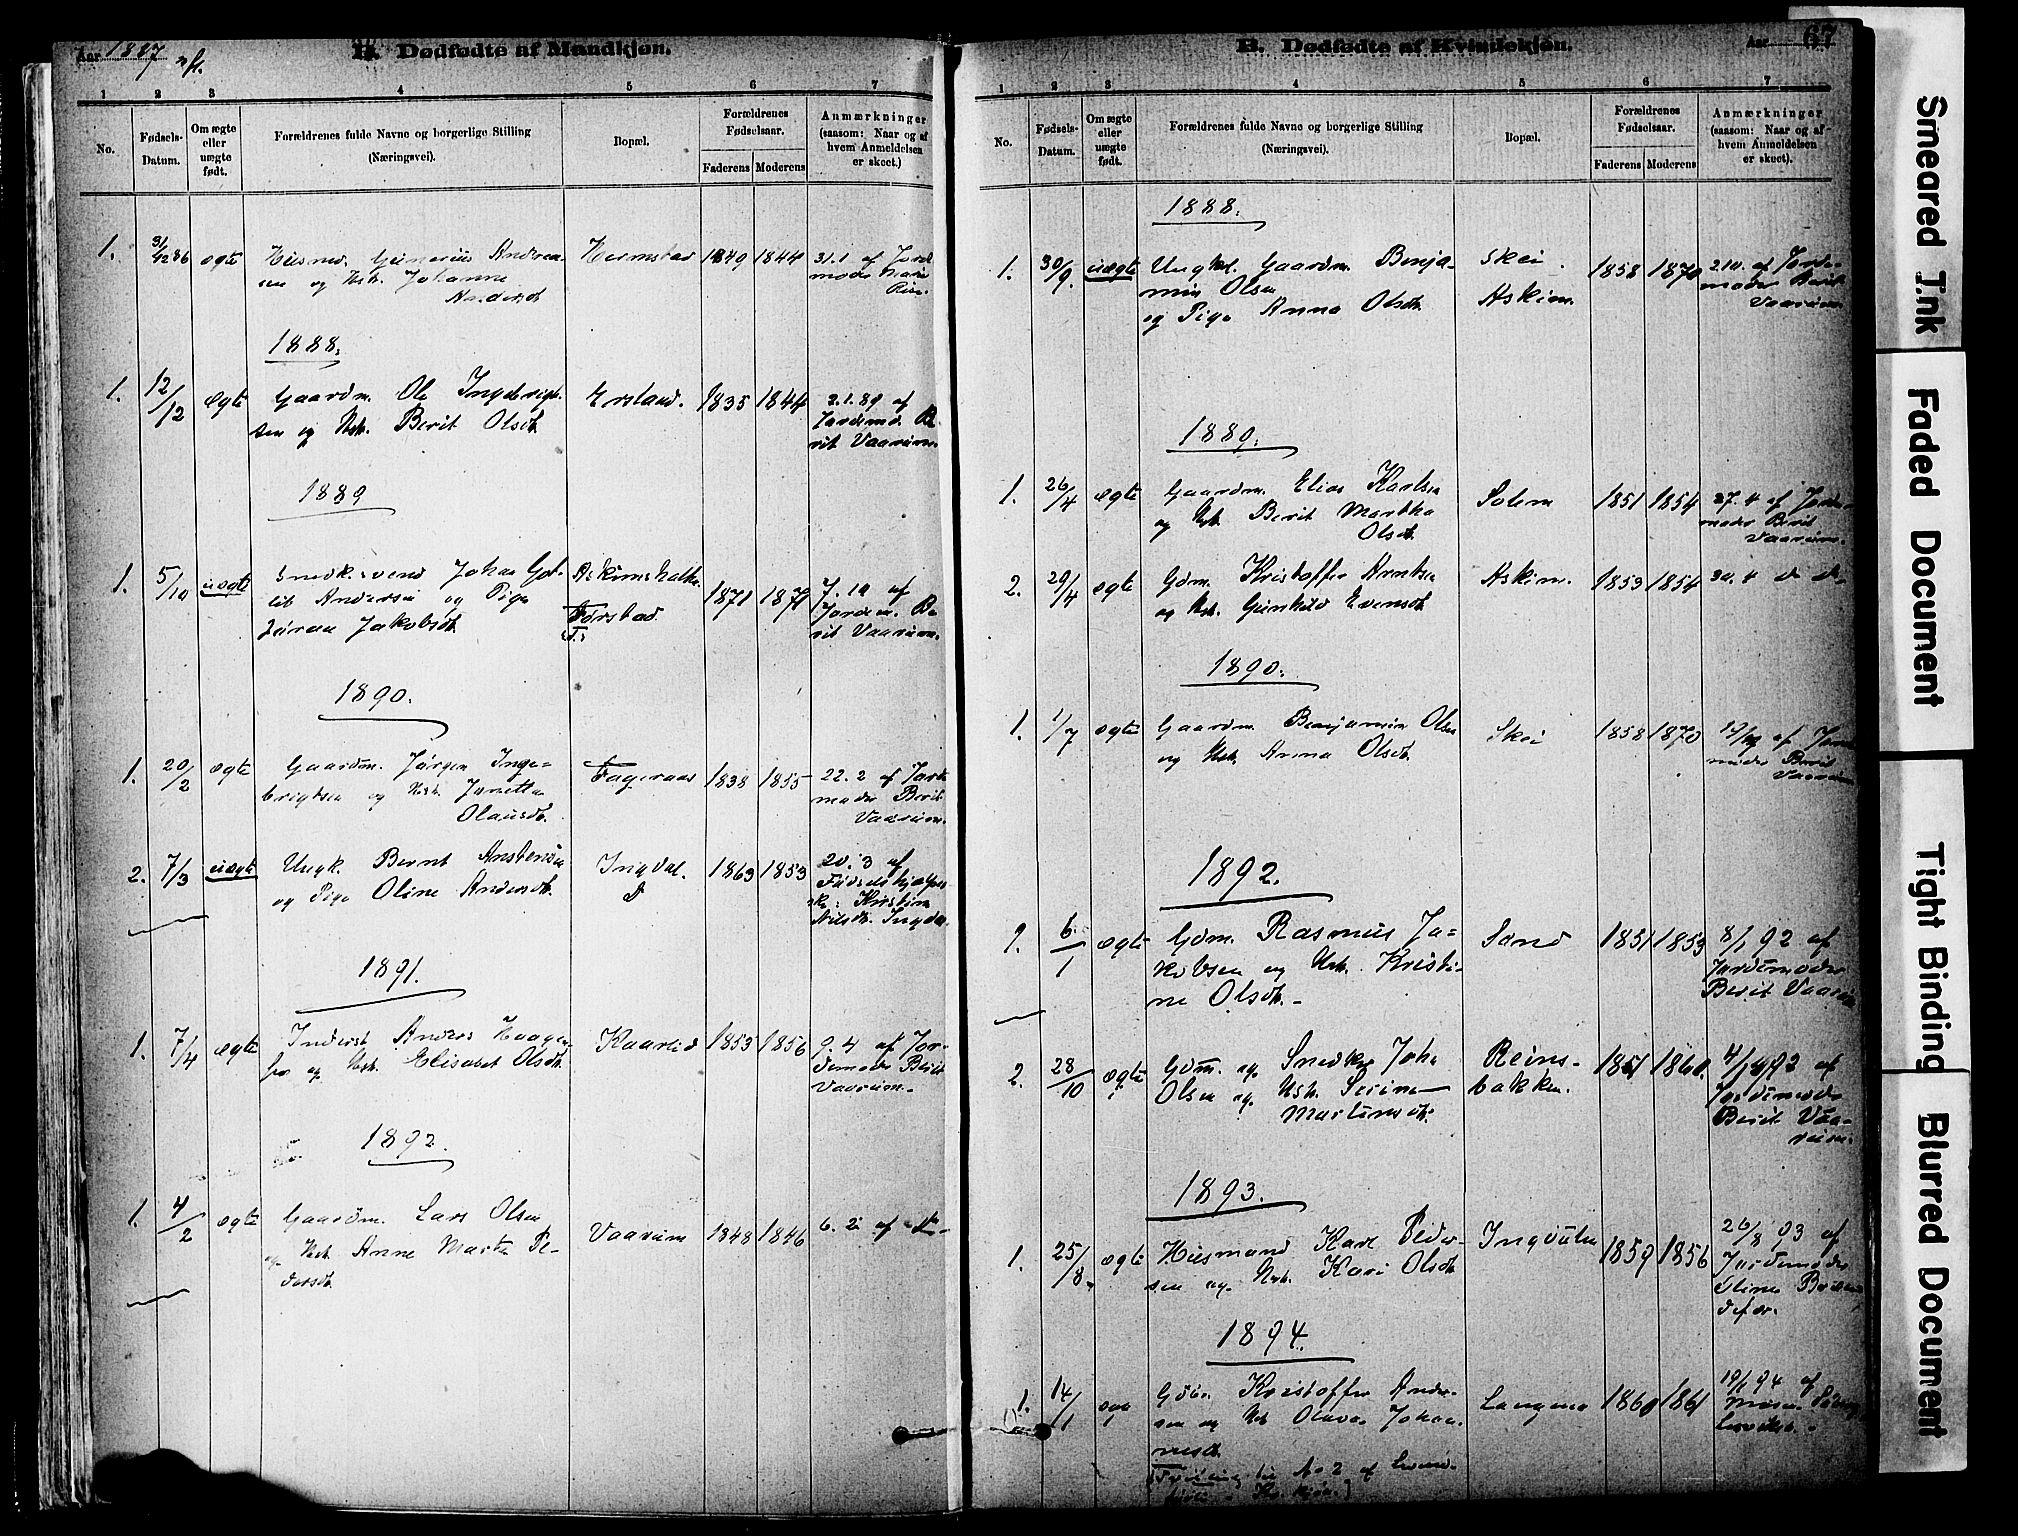 SAT, Ministerialprotokoller, klokkerbøker og fødselsregistre - Sør-Trøndelag, 646/L0615: Ministerialbok nr. 646A13, 1885-1900, s. 67